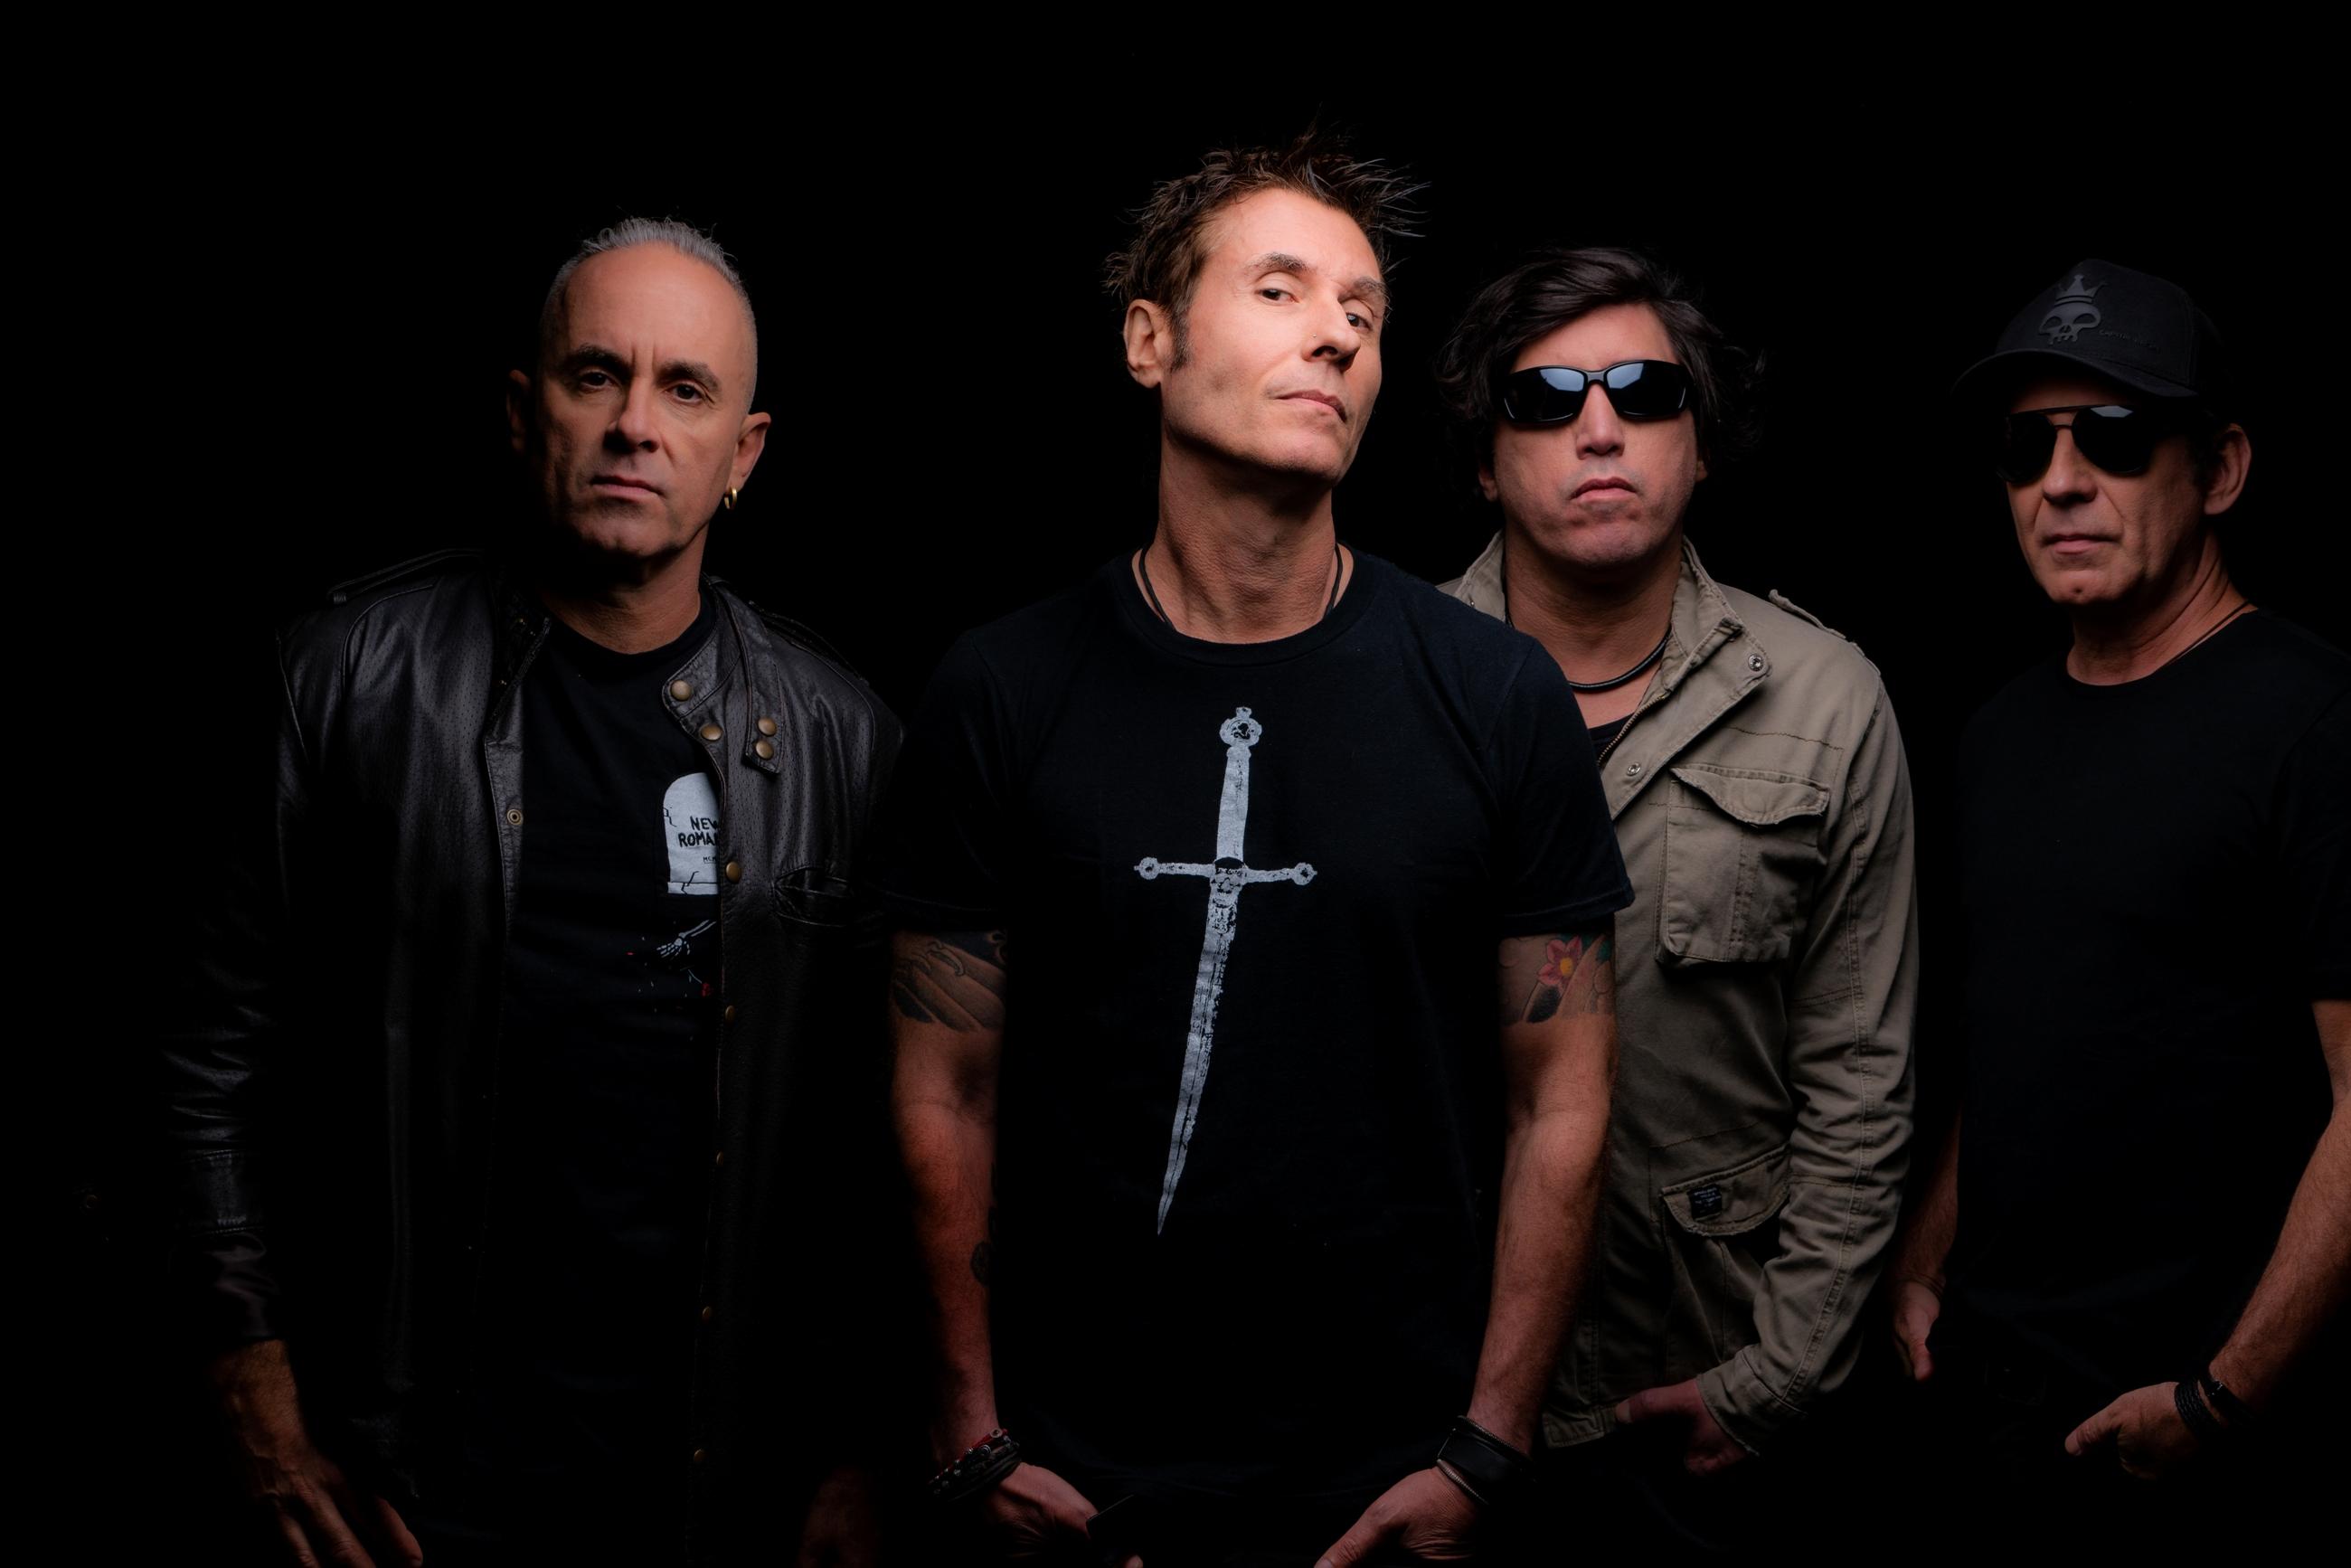 Integrantes da banda Capital Inicial em pose de divulgação para a nova turnê em um ambiente escuro com destaque para a face de cada músico.